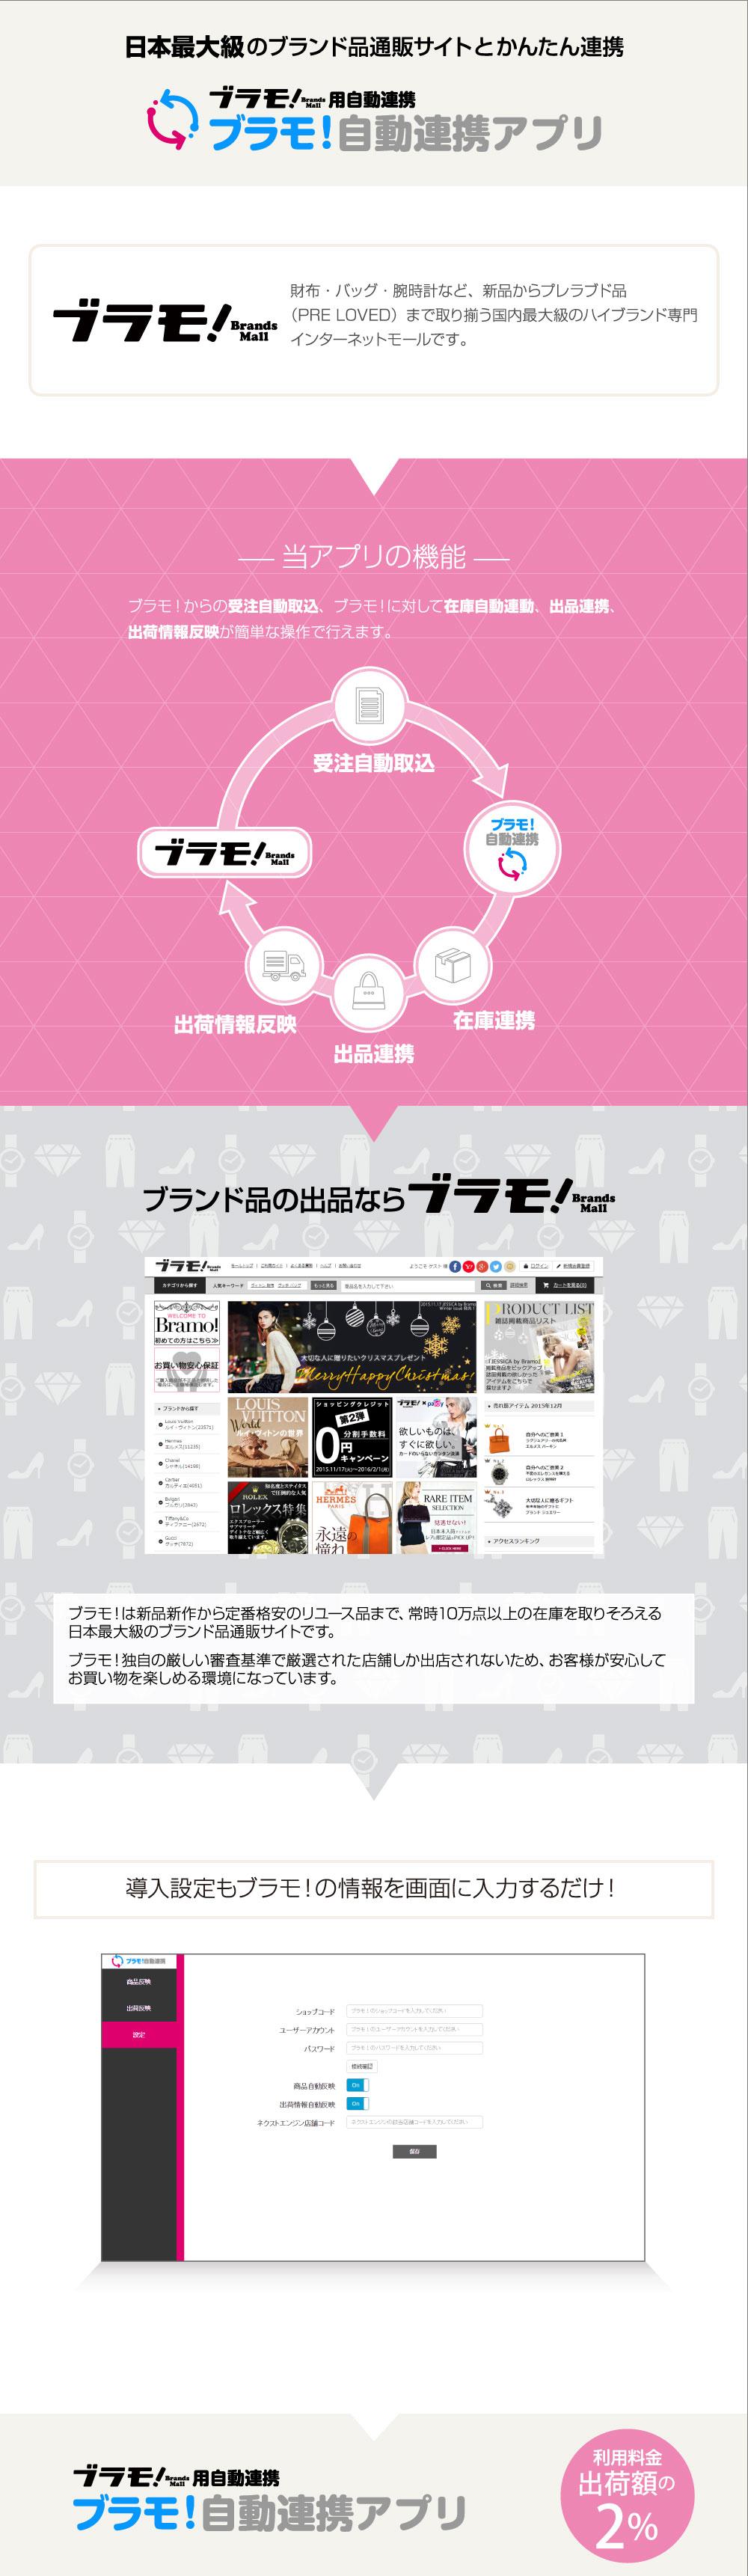 ブラモ!連携アプリ